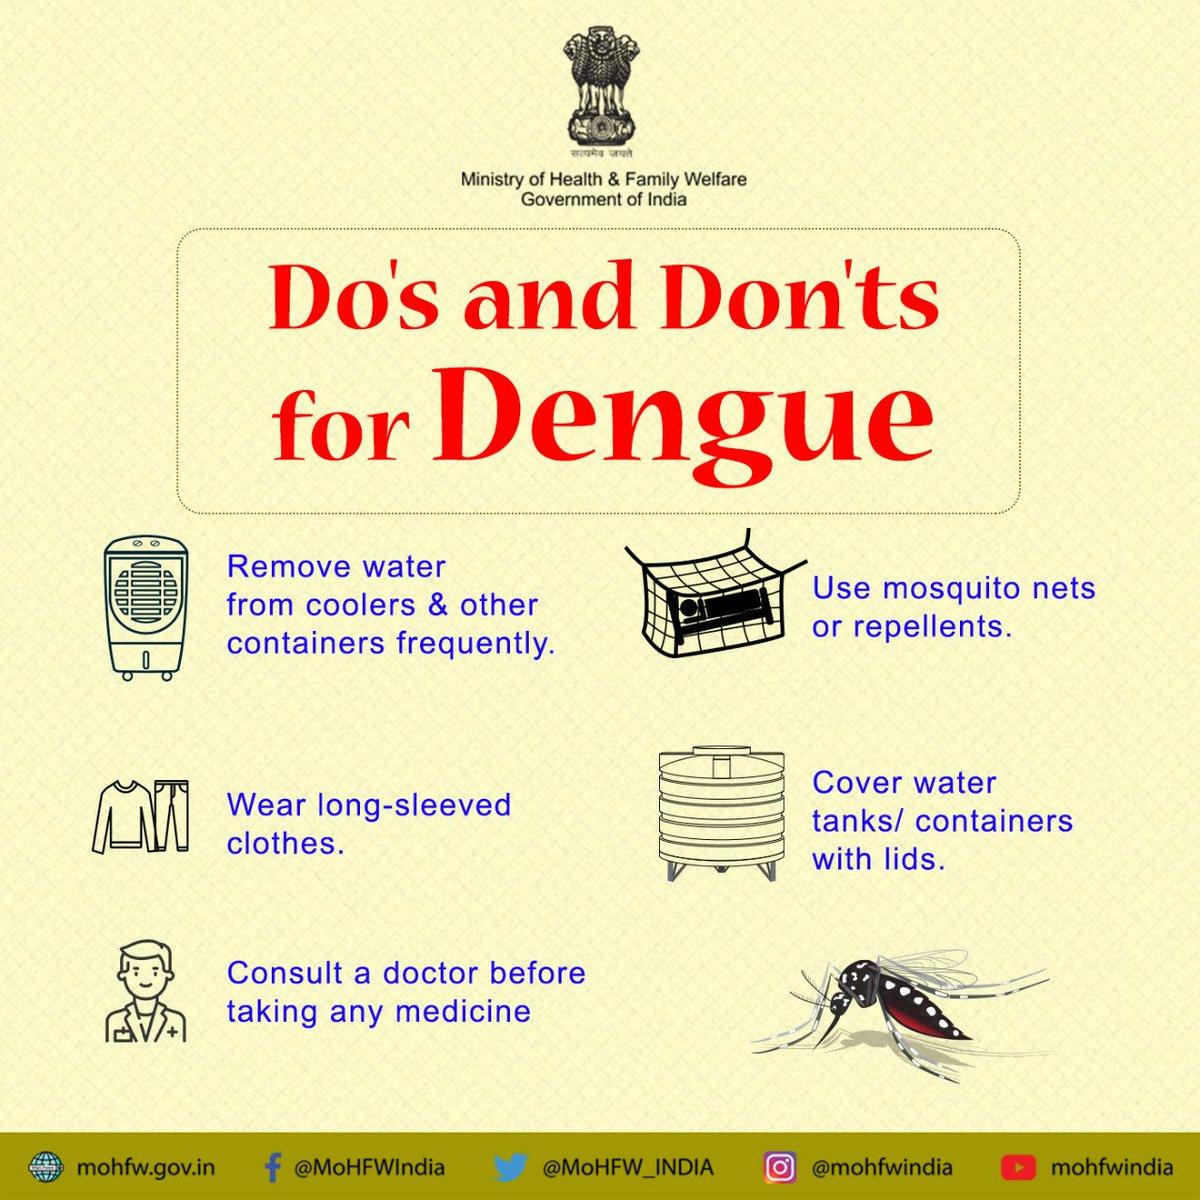 #COVID19 के चलते डेंगू को अनदेखा न करे।  इसकी रोकथाम संभव है। कुछ आसान से उपायों को अपनाकर, करें डेंगू से बचाव    https://t.co/5dpDlezJ9F.   #SwasthaBharat #TransformingHealth #Dengue https://t.co/RE0nbaS0GQ